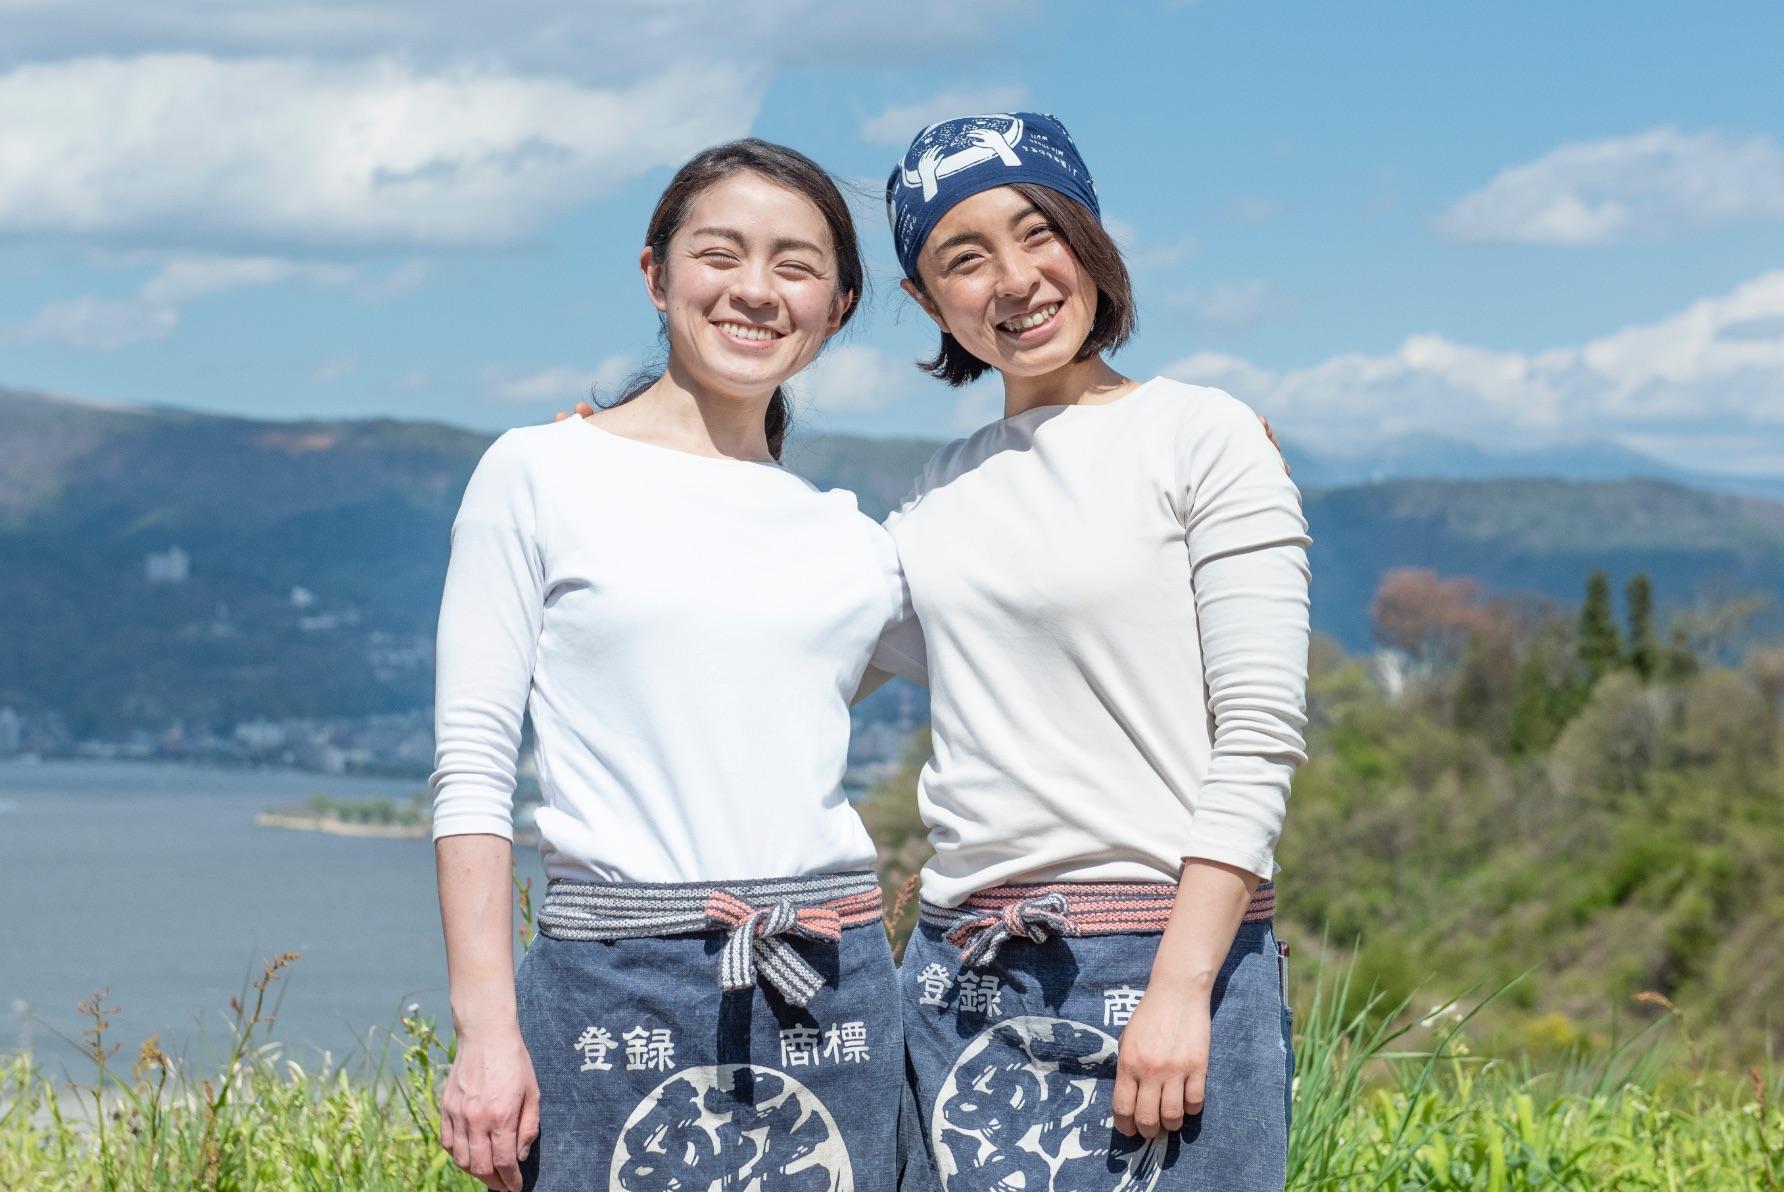 日本一の味噌の町「岡谷」を再興したい!老舗味噌蔵の経営革新プロジェクトに副業人材募集中